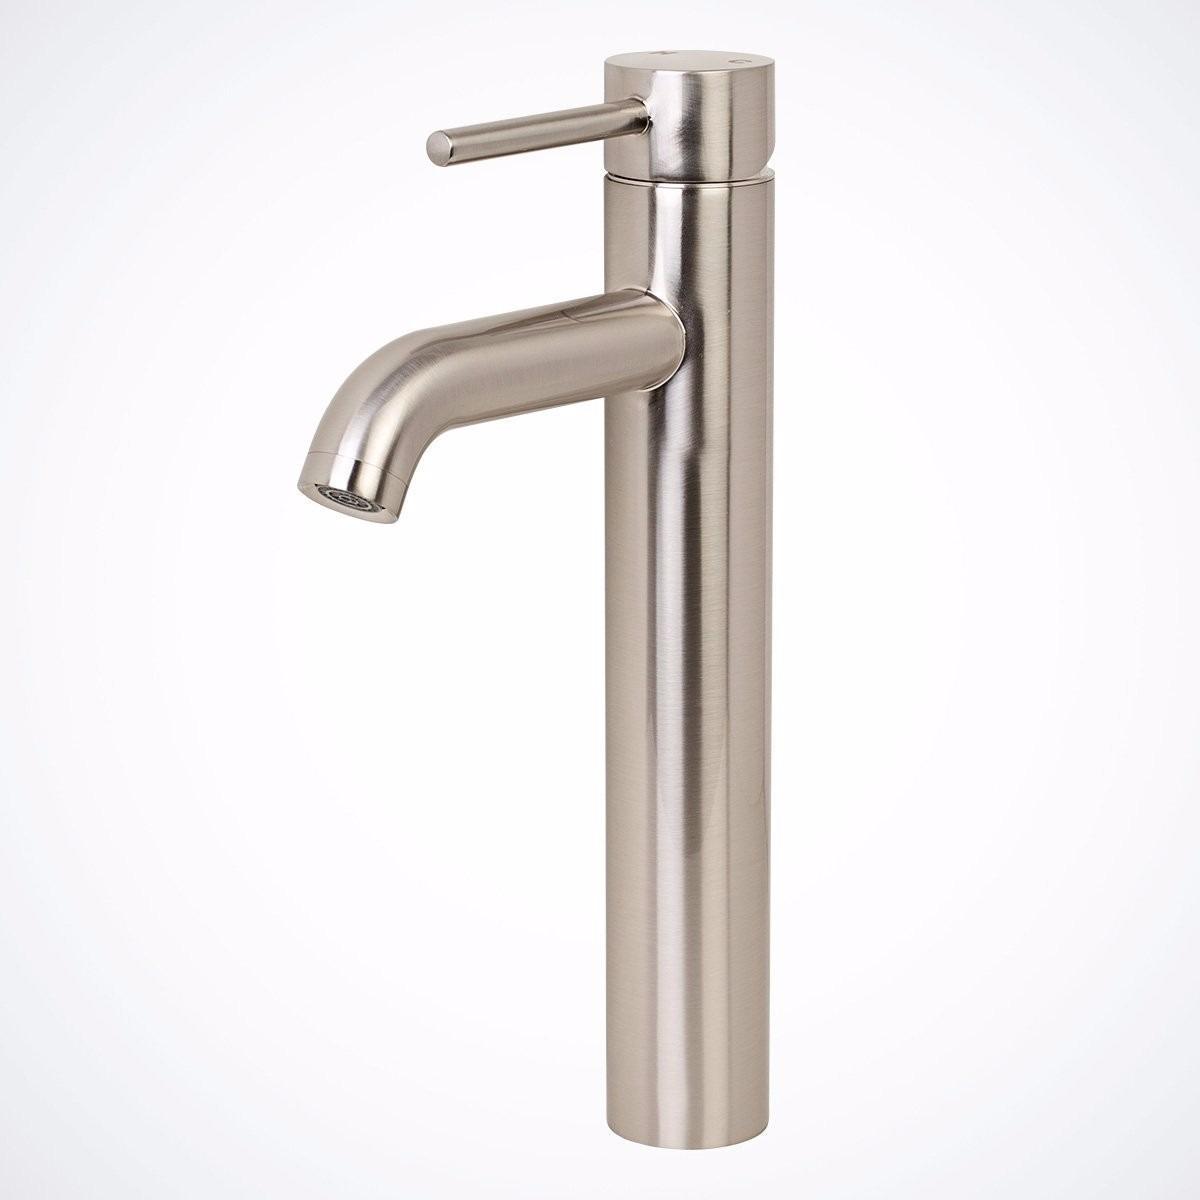 Odbo lb 7141hb monomando mezcladora larga satin para lavabo en mercado libre - Monomando lavabo ...